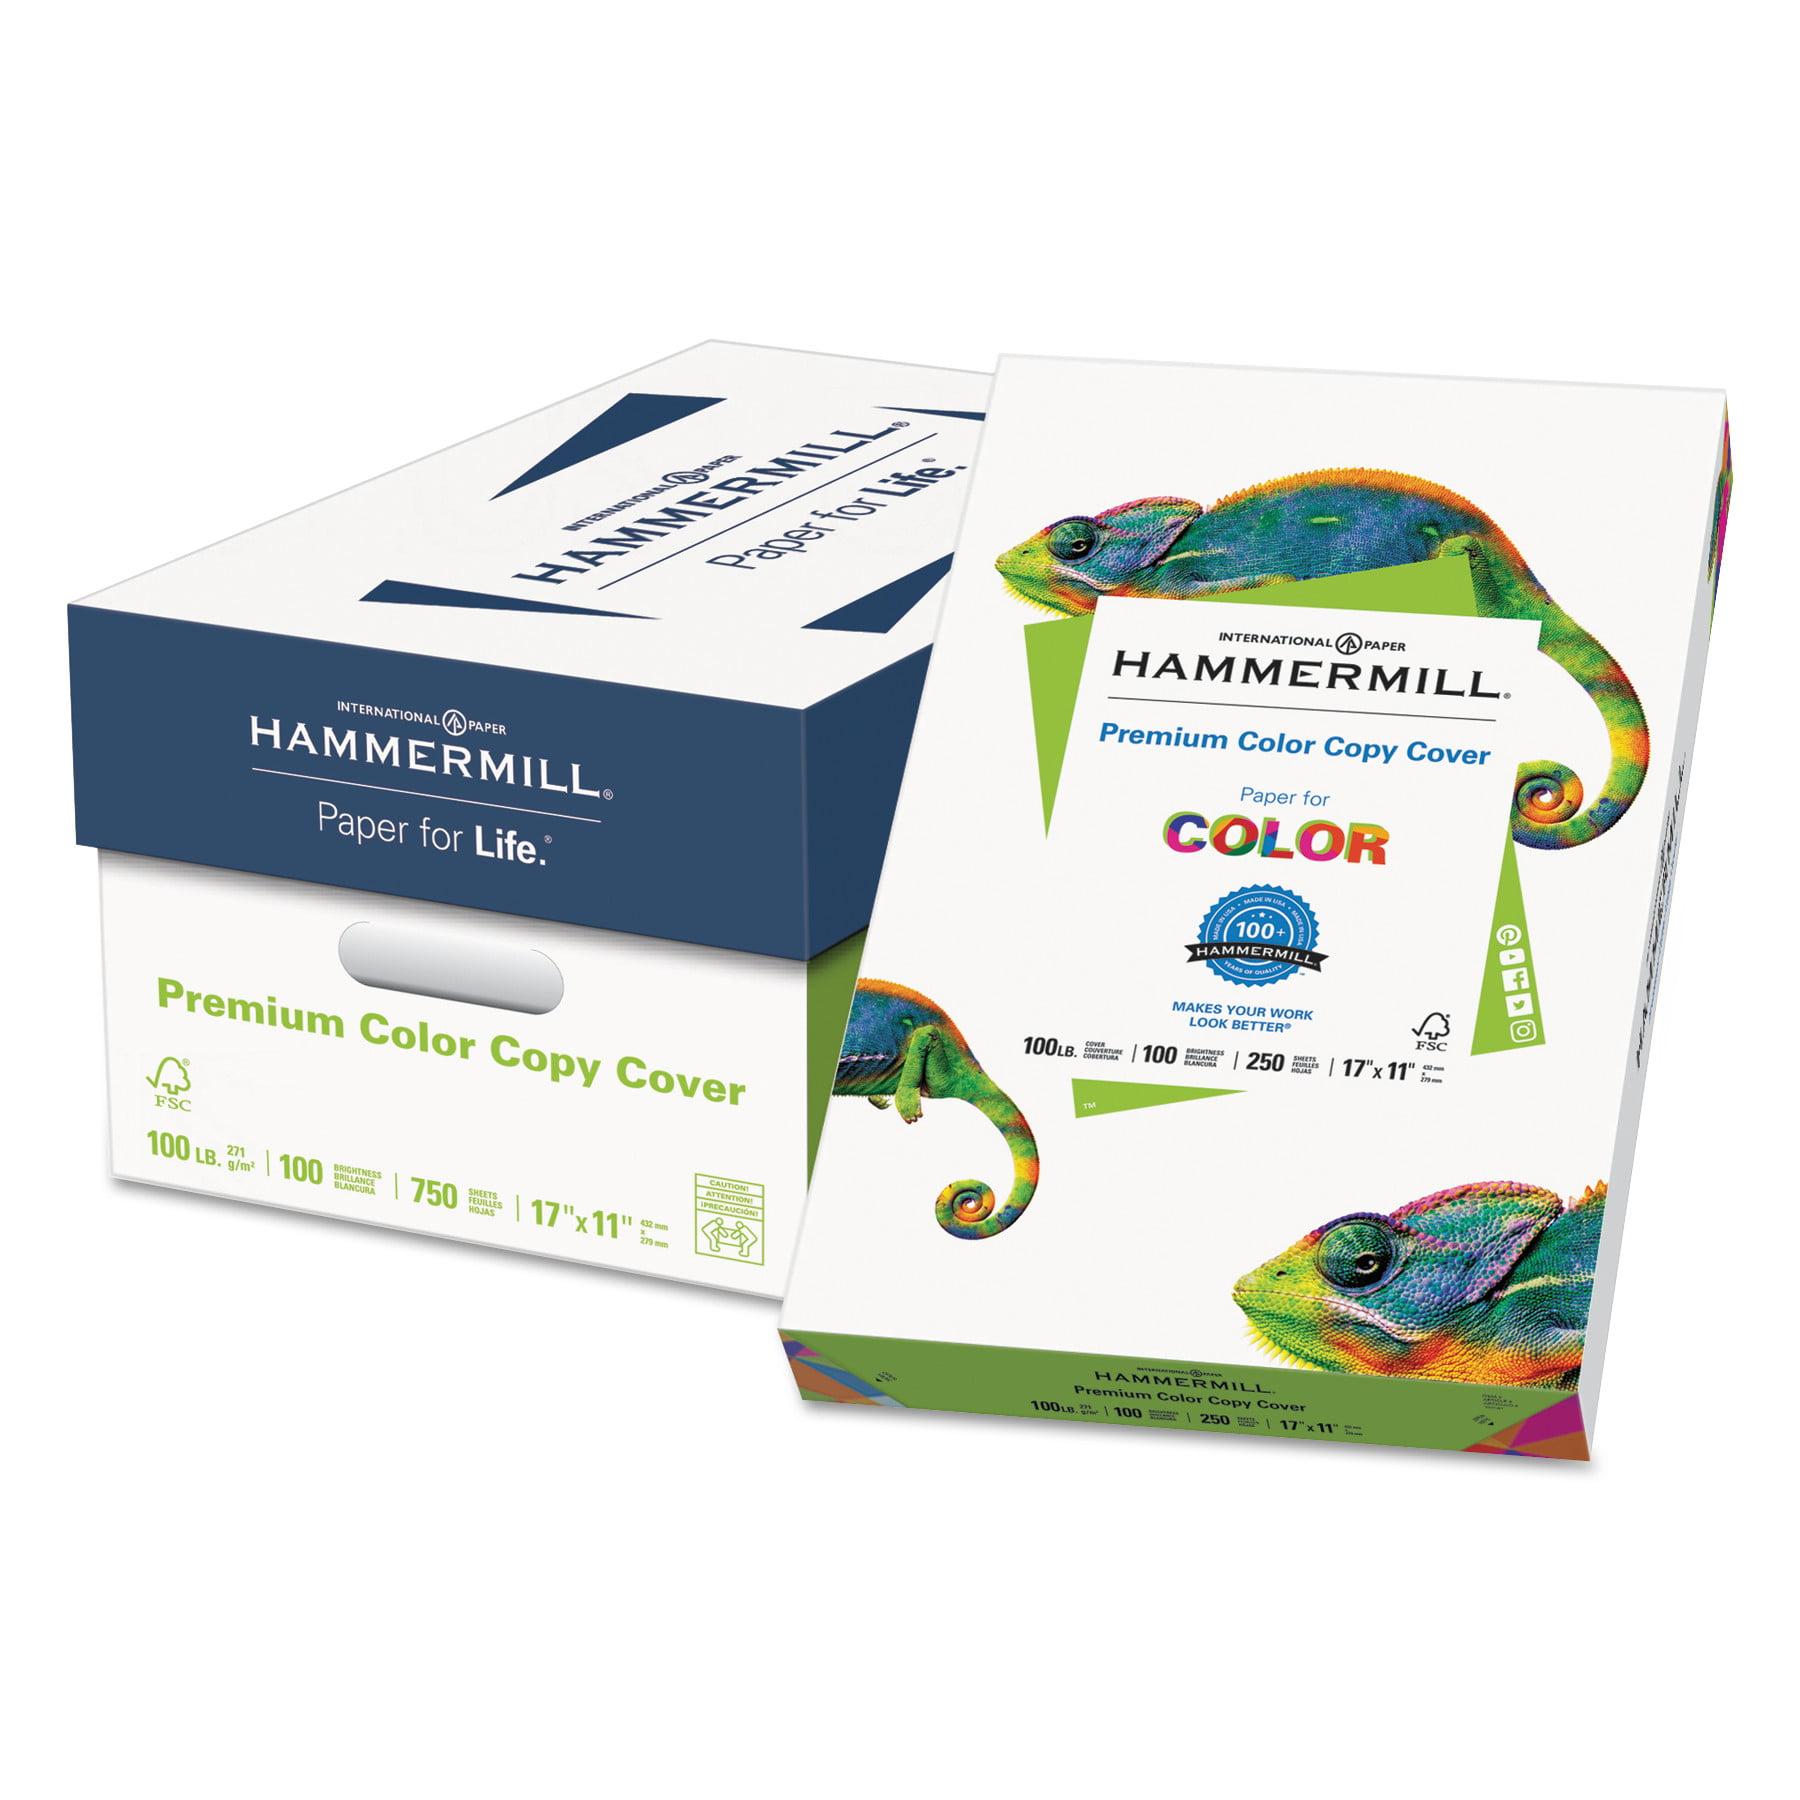 Hammermill Premium Color Copy Cover, 100 Bright, 60lb, 17 x 11, Photo White, 250 Sheets/PK -HAM122556